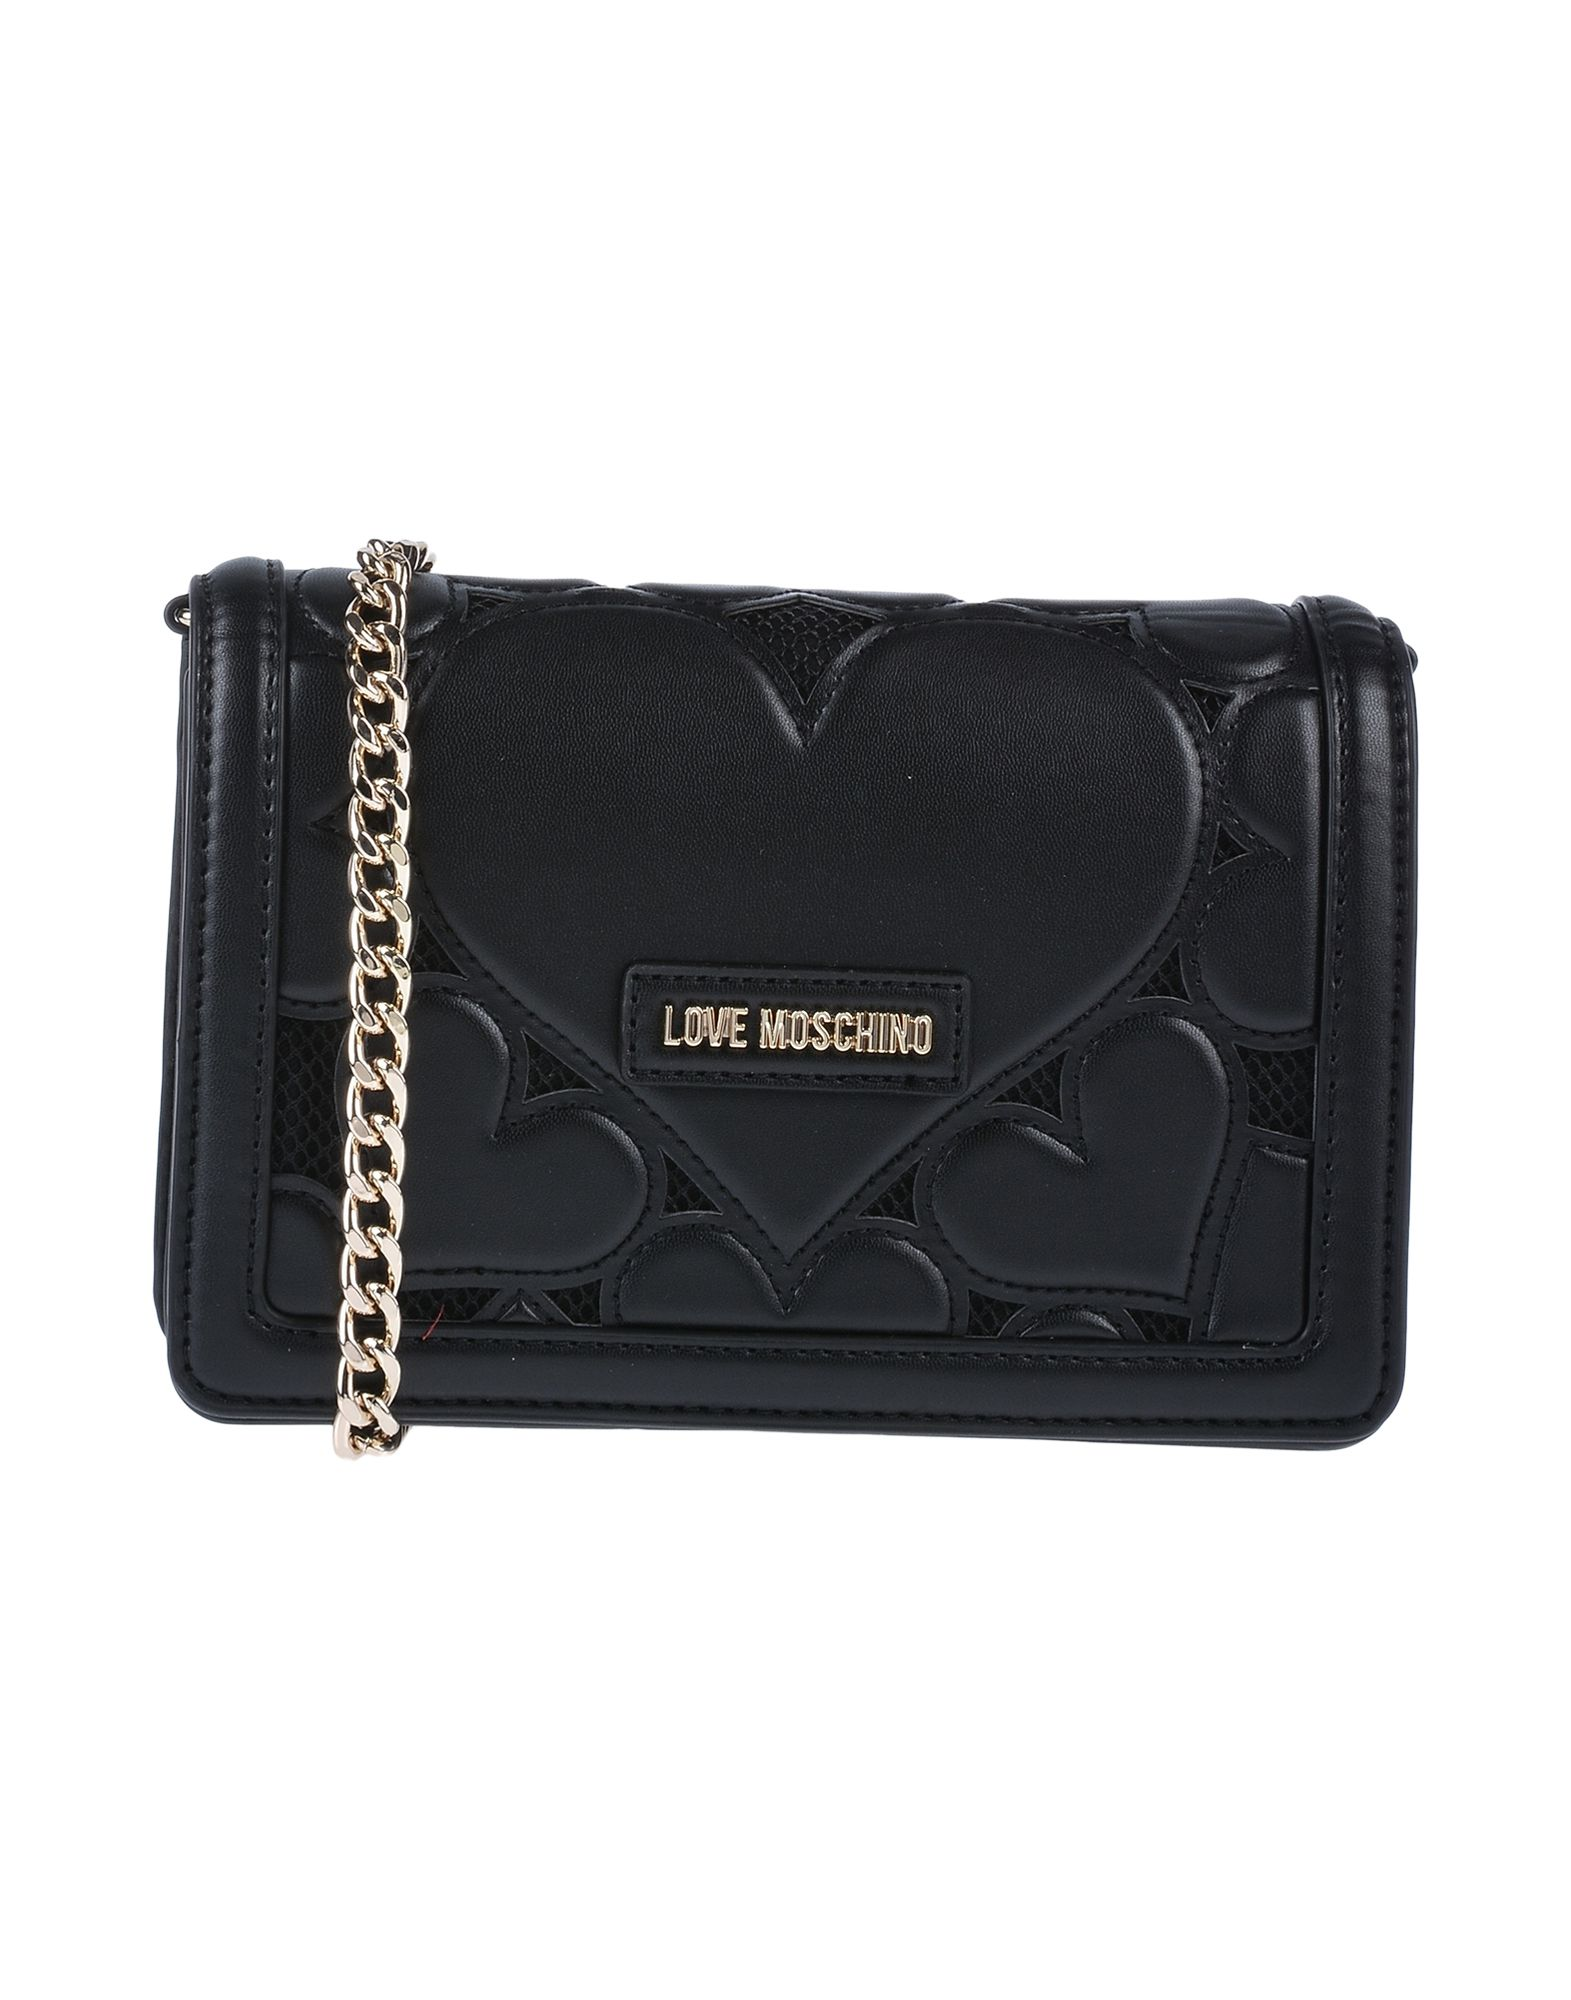 《送料無料》LOVE MOSCHINO レディース ハンドバッグ ブラック ポリウレタン / 紡績繊維